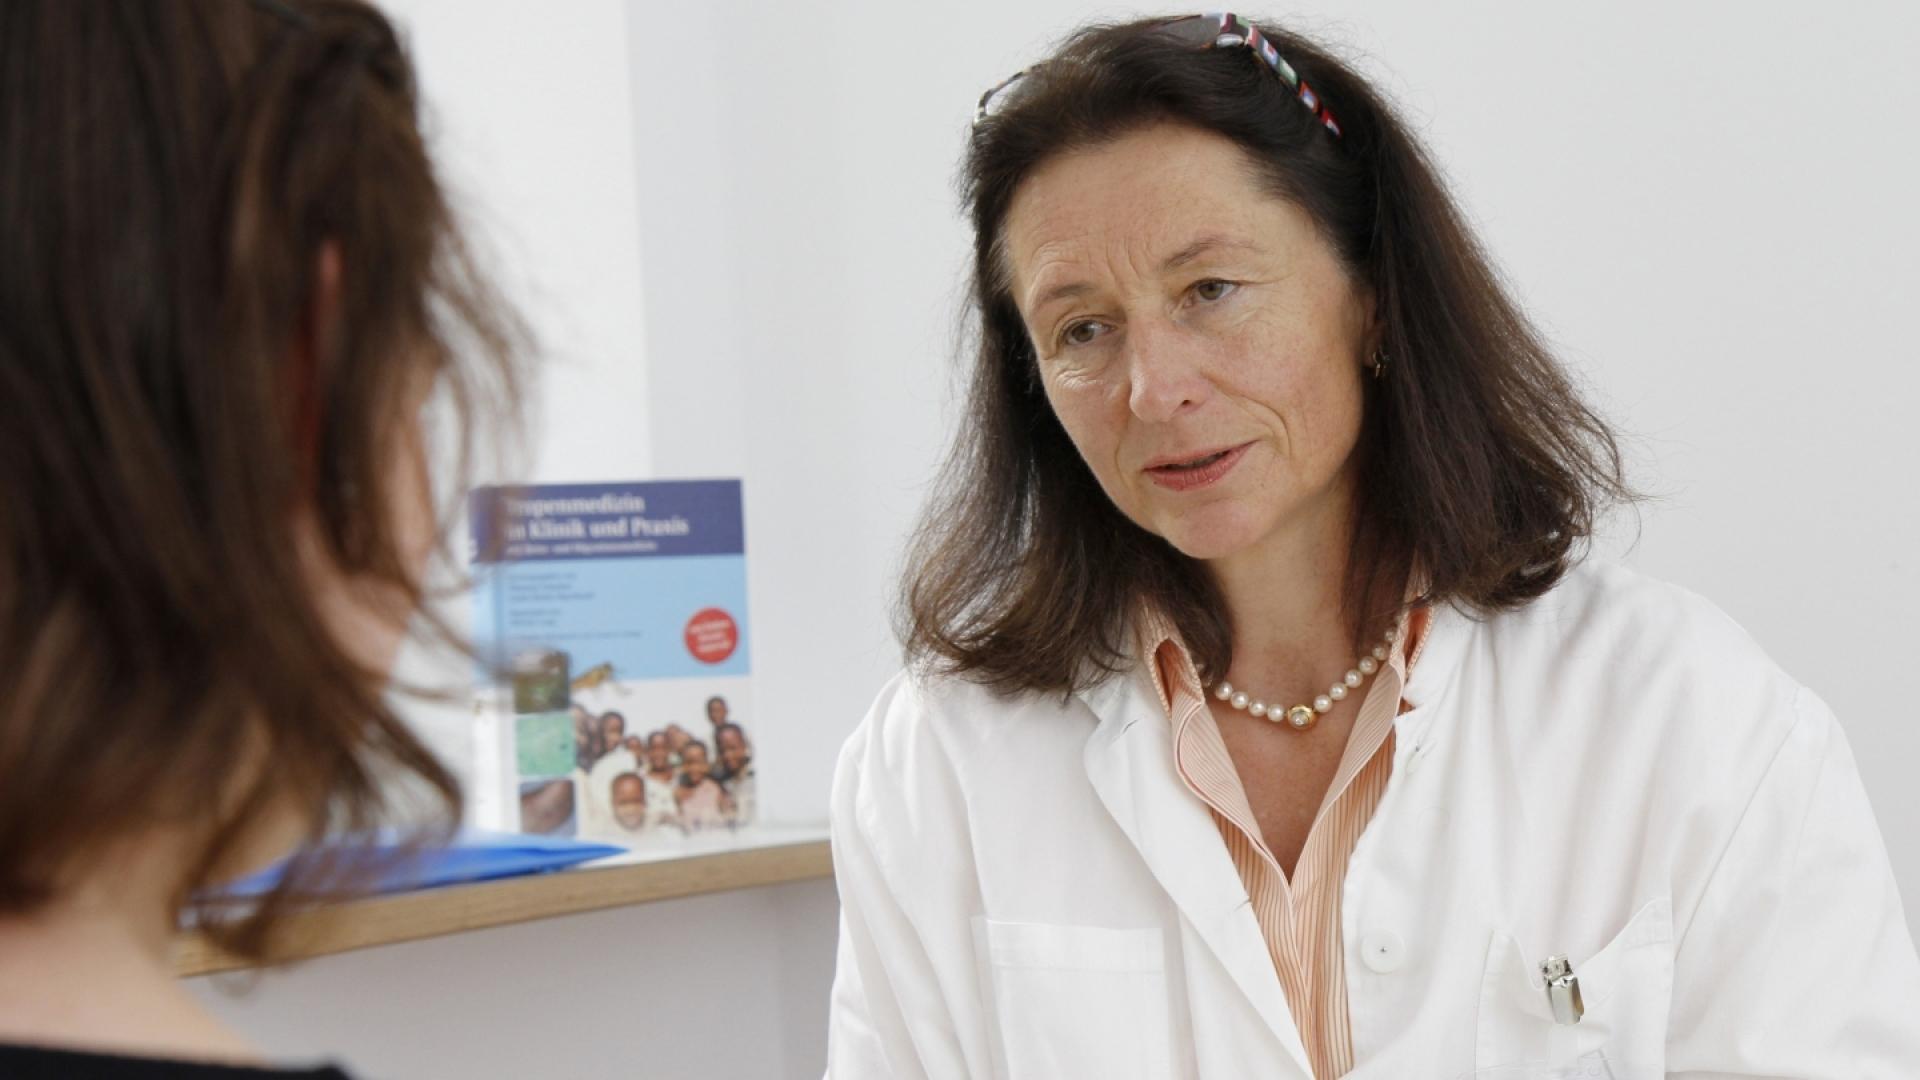 Dr. Hedwig Roggendorf ist Leiterin der Impfsprechstunde am Klinikum rechts der Isar